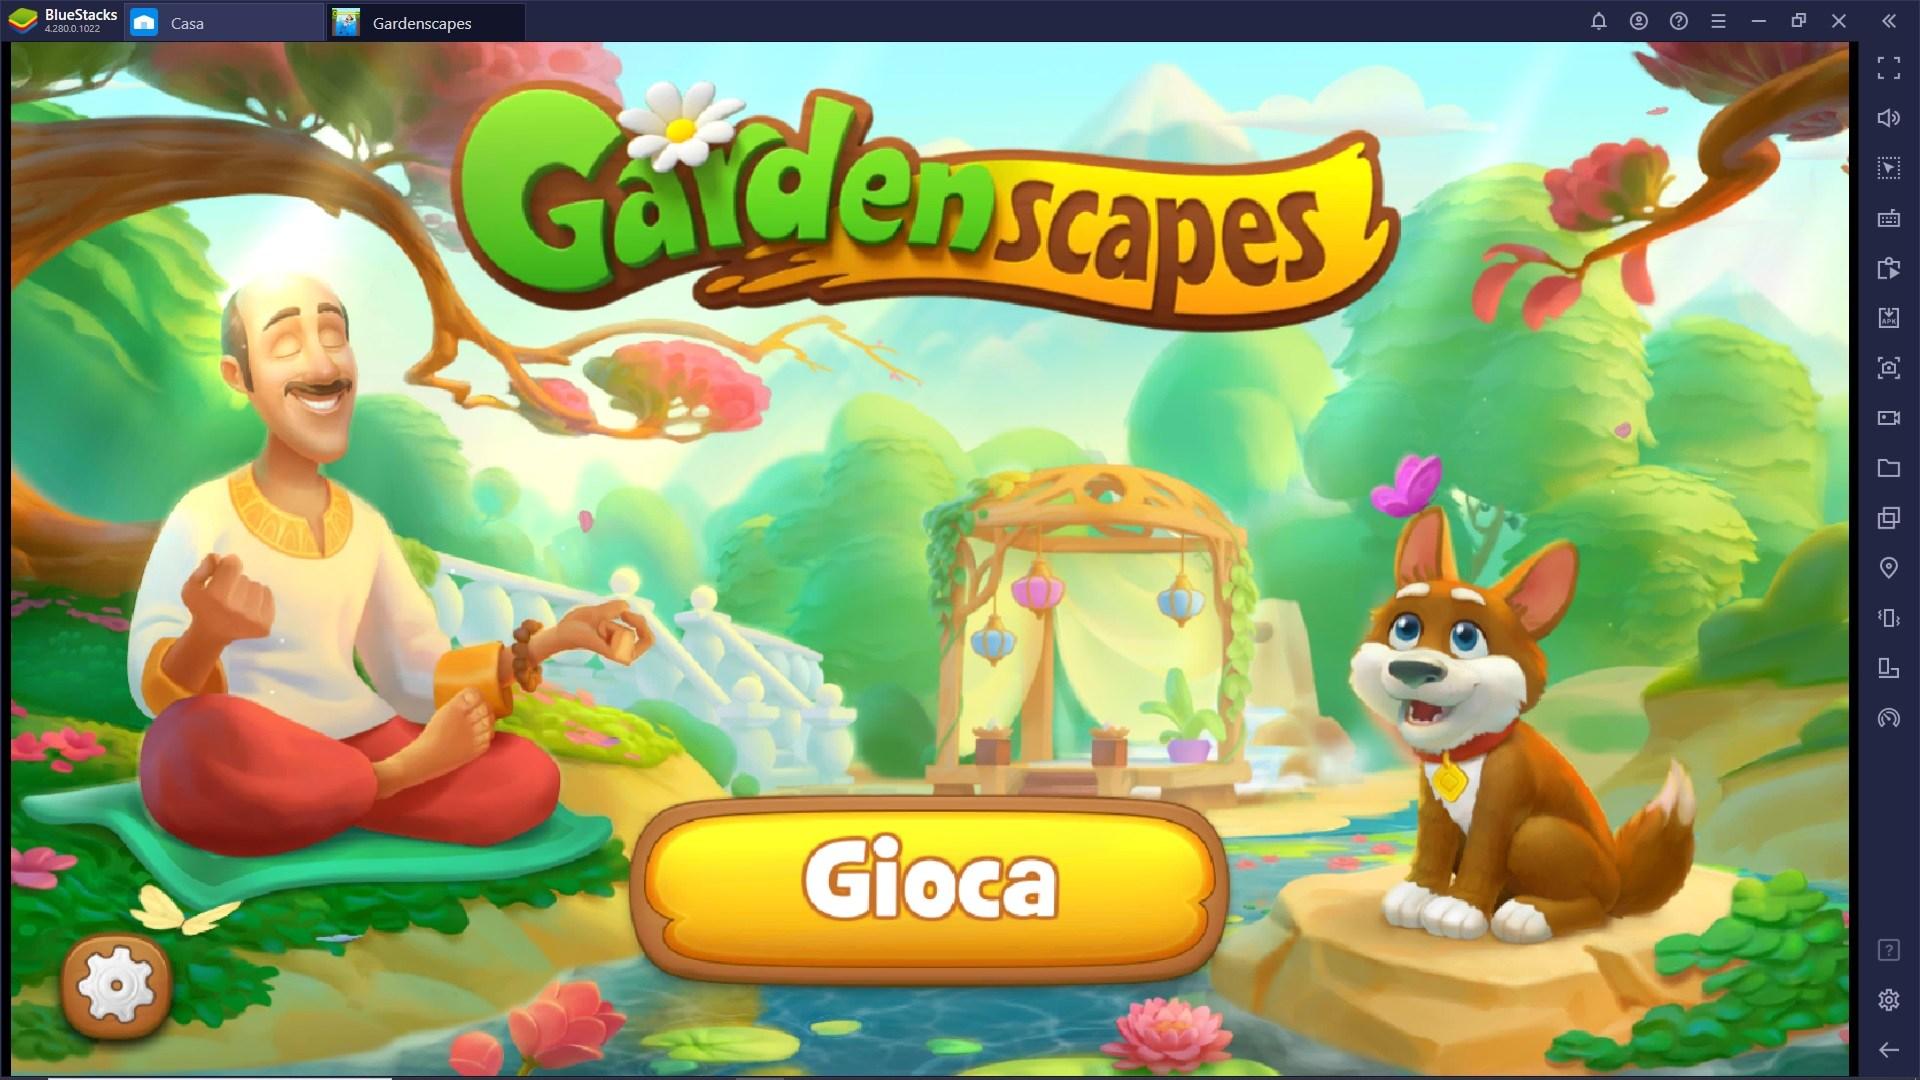 Muovere i primi passi in Gardenscapes